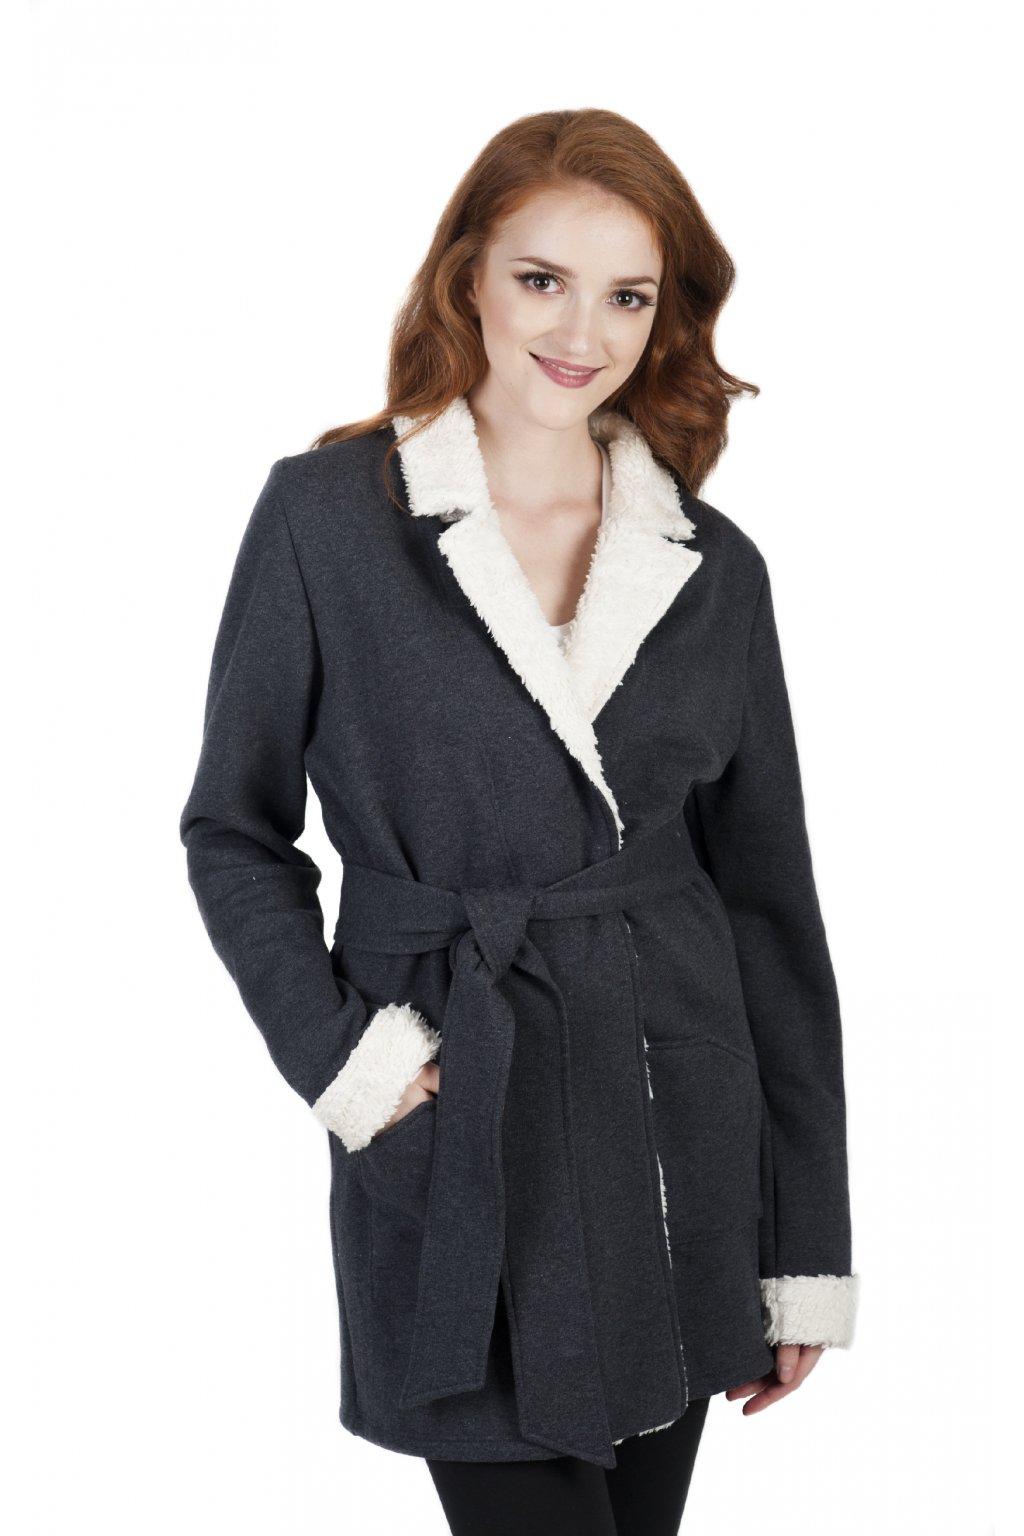 Hřejivý kabát ARTEMIS s plyšem / Antracit s bílou